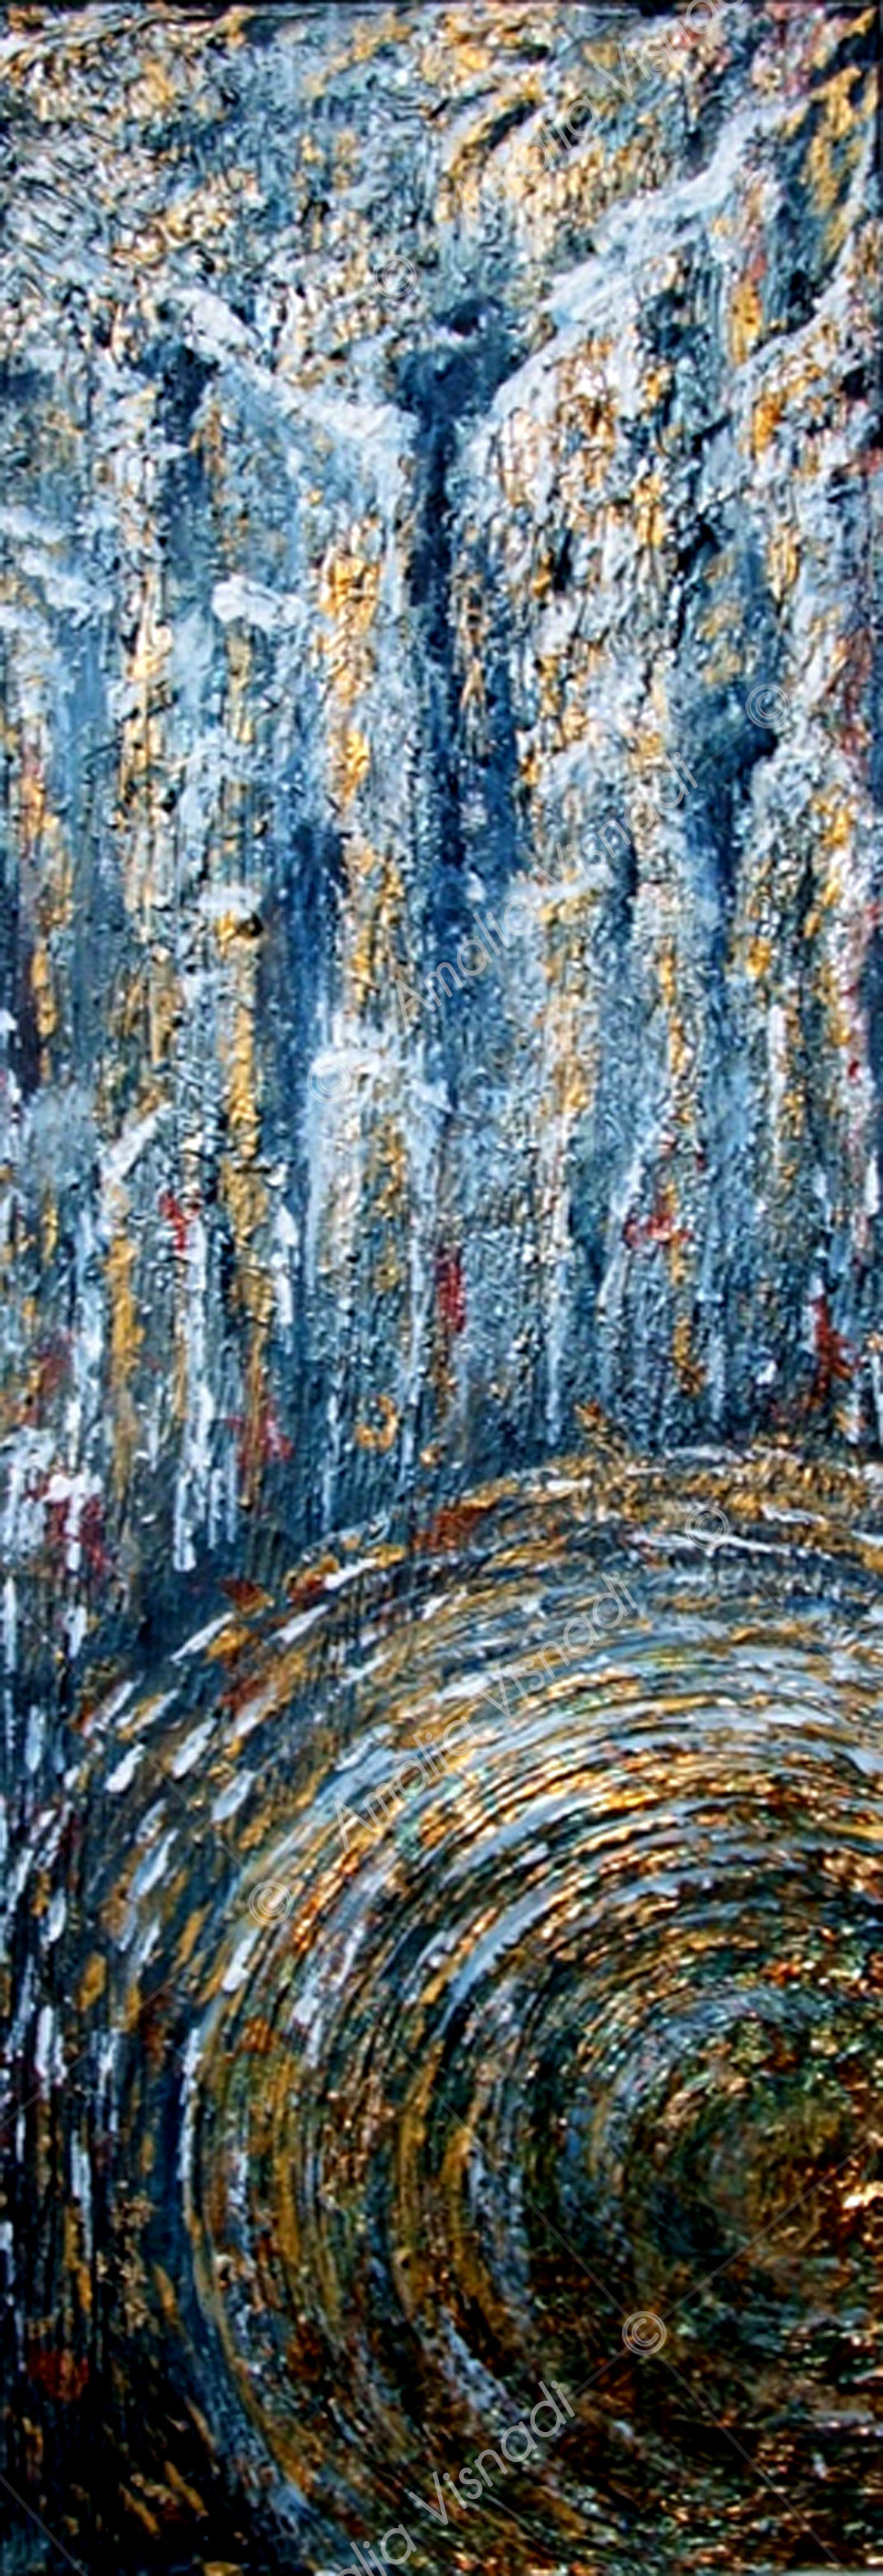 Vortice dorato_Acrilico foglia oro e rame su tela 20 x 60